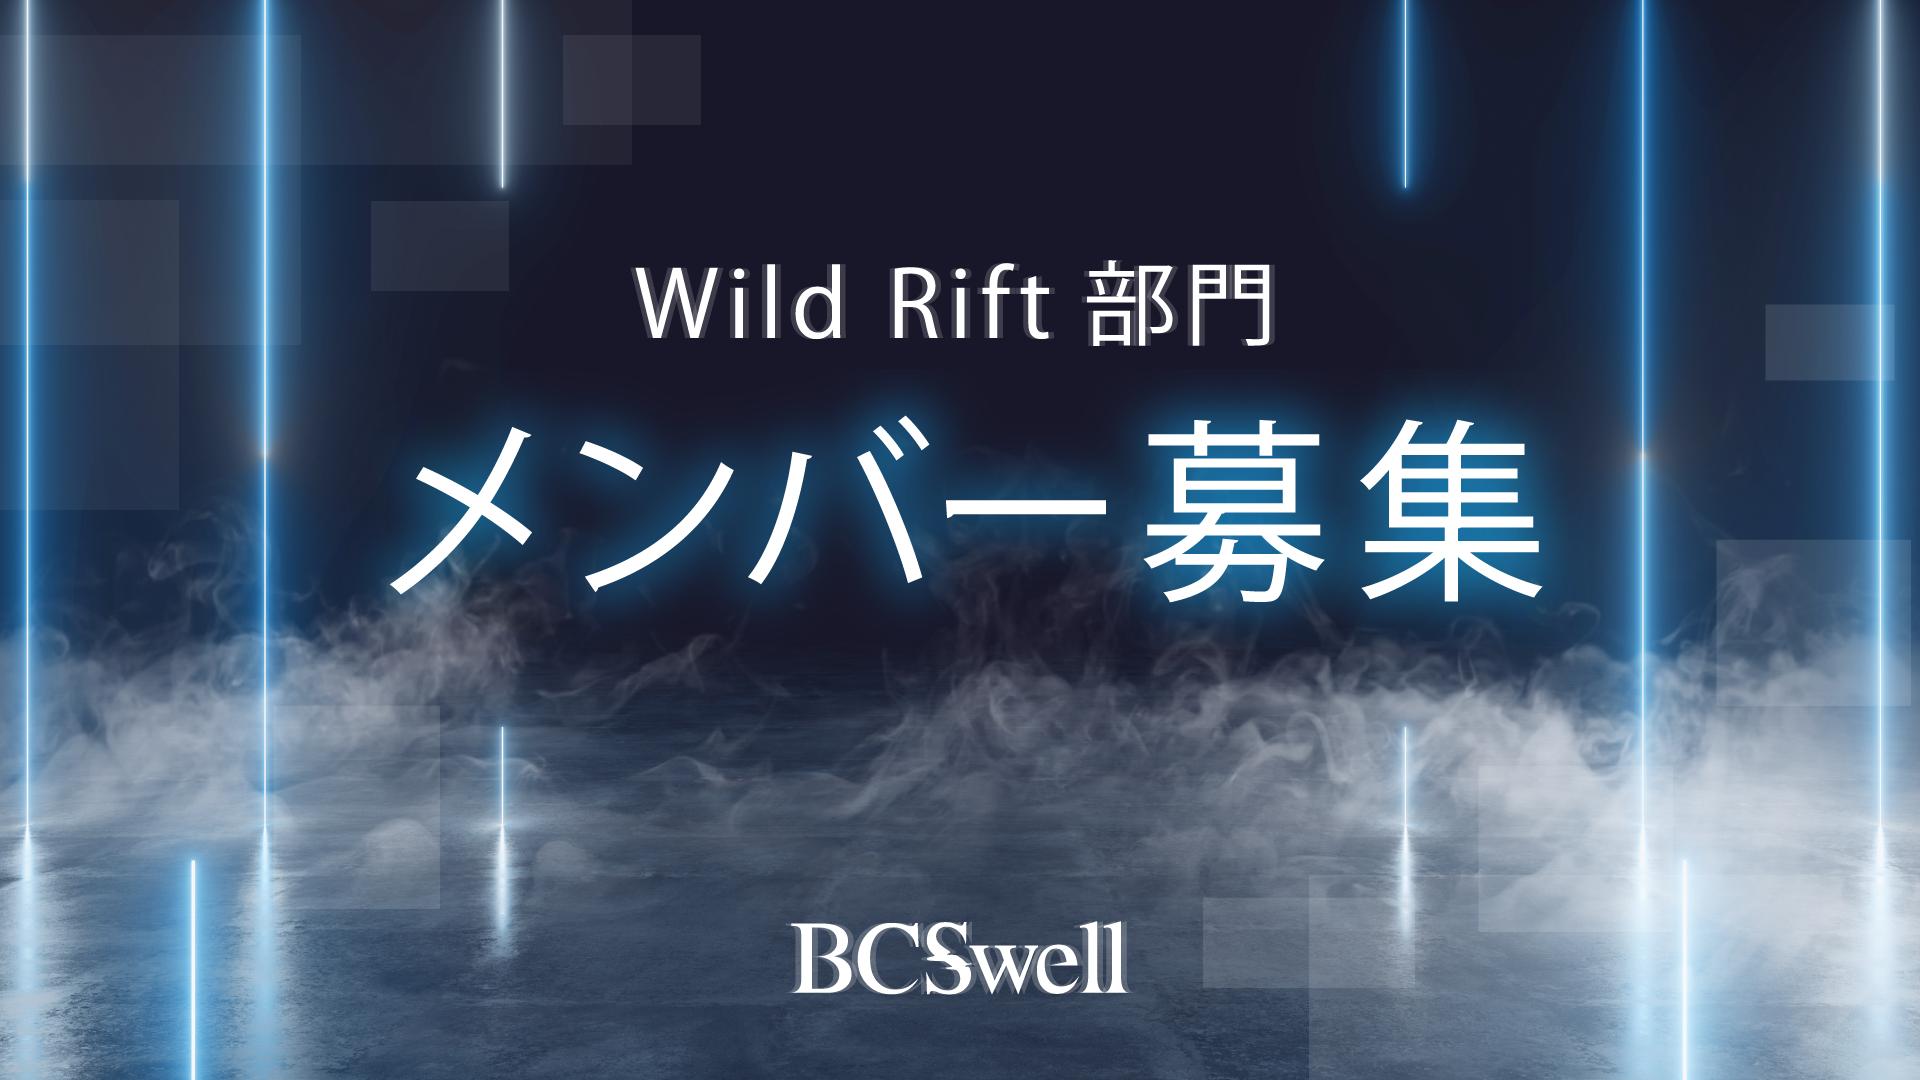 【ワイルドリフト部門 選手公募のお知らせ】